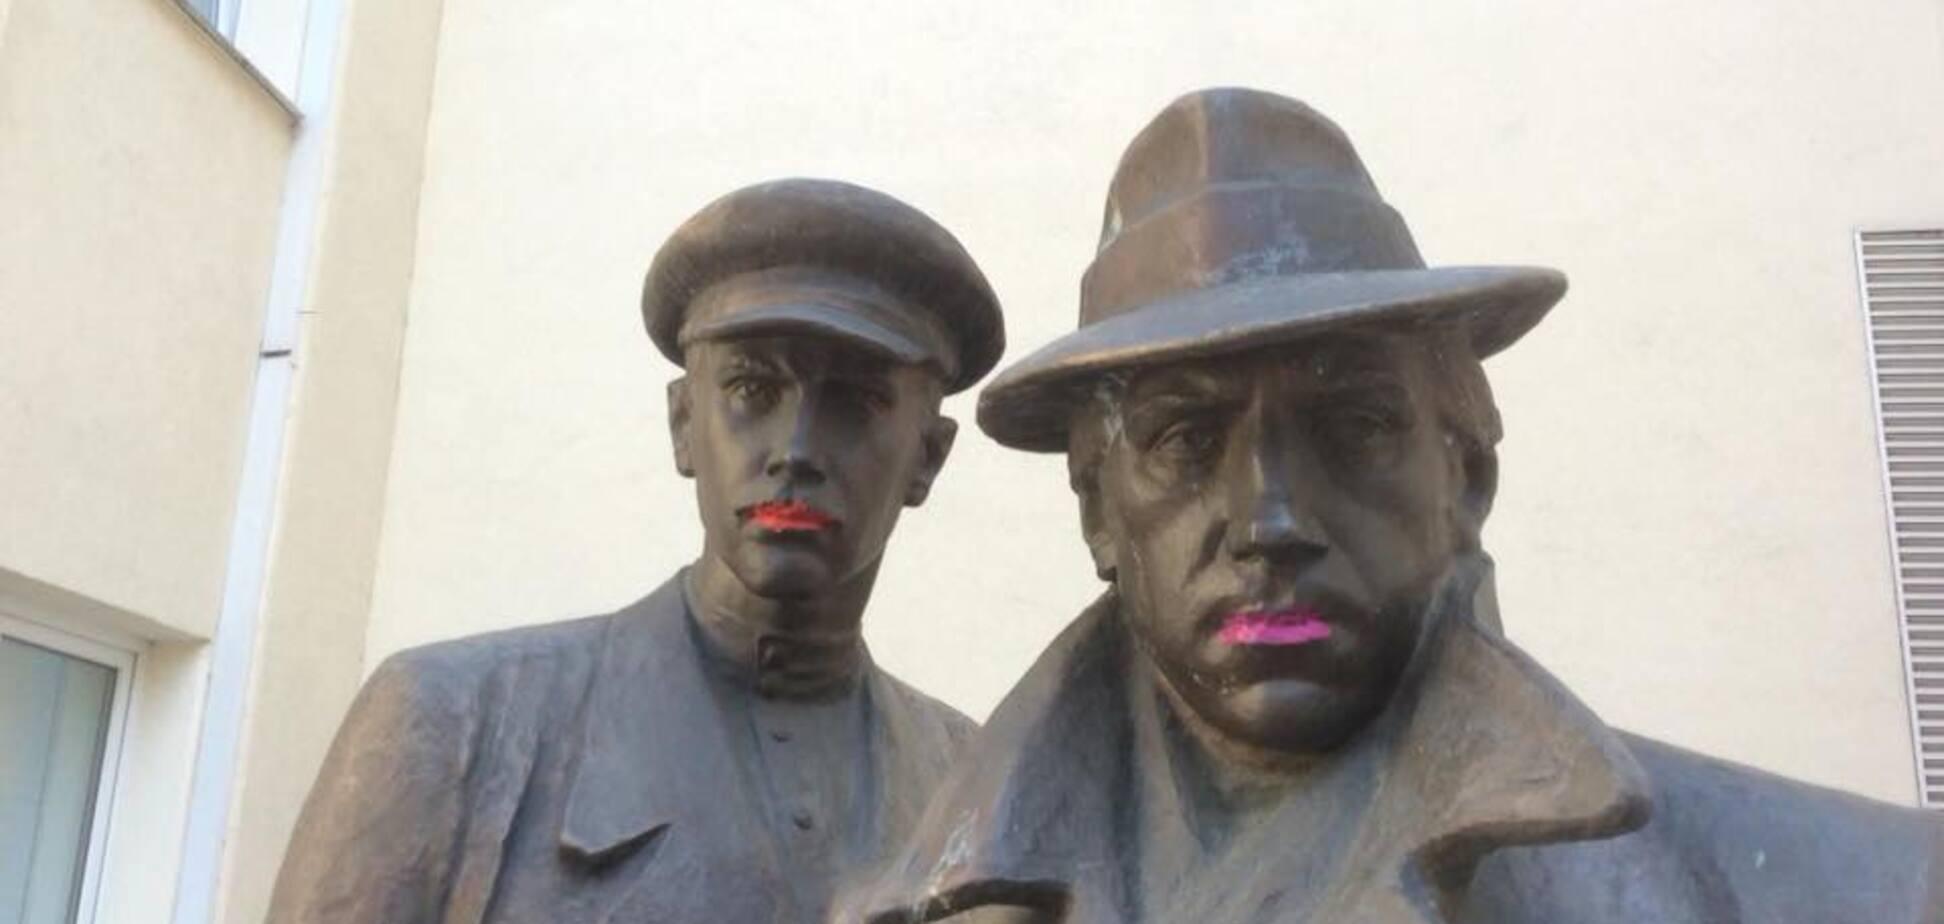 'Сменил пол и покрасил губы': полиция задержала активистов С14 за 'издевательство' над памятником